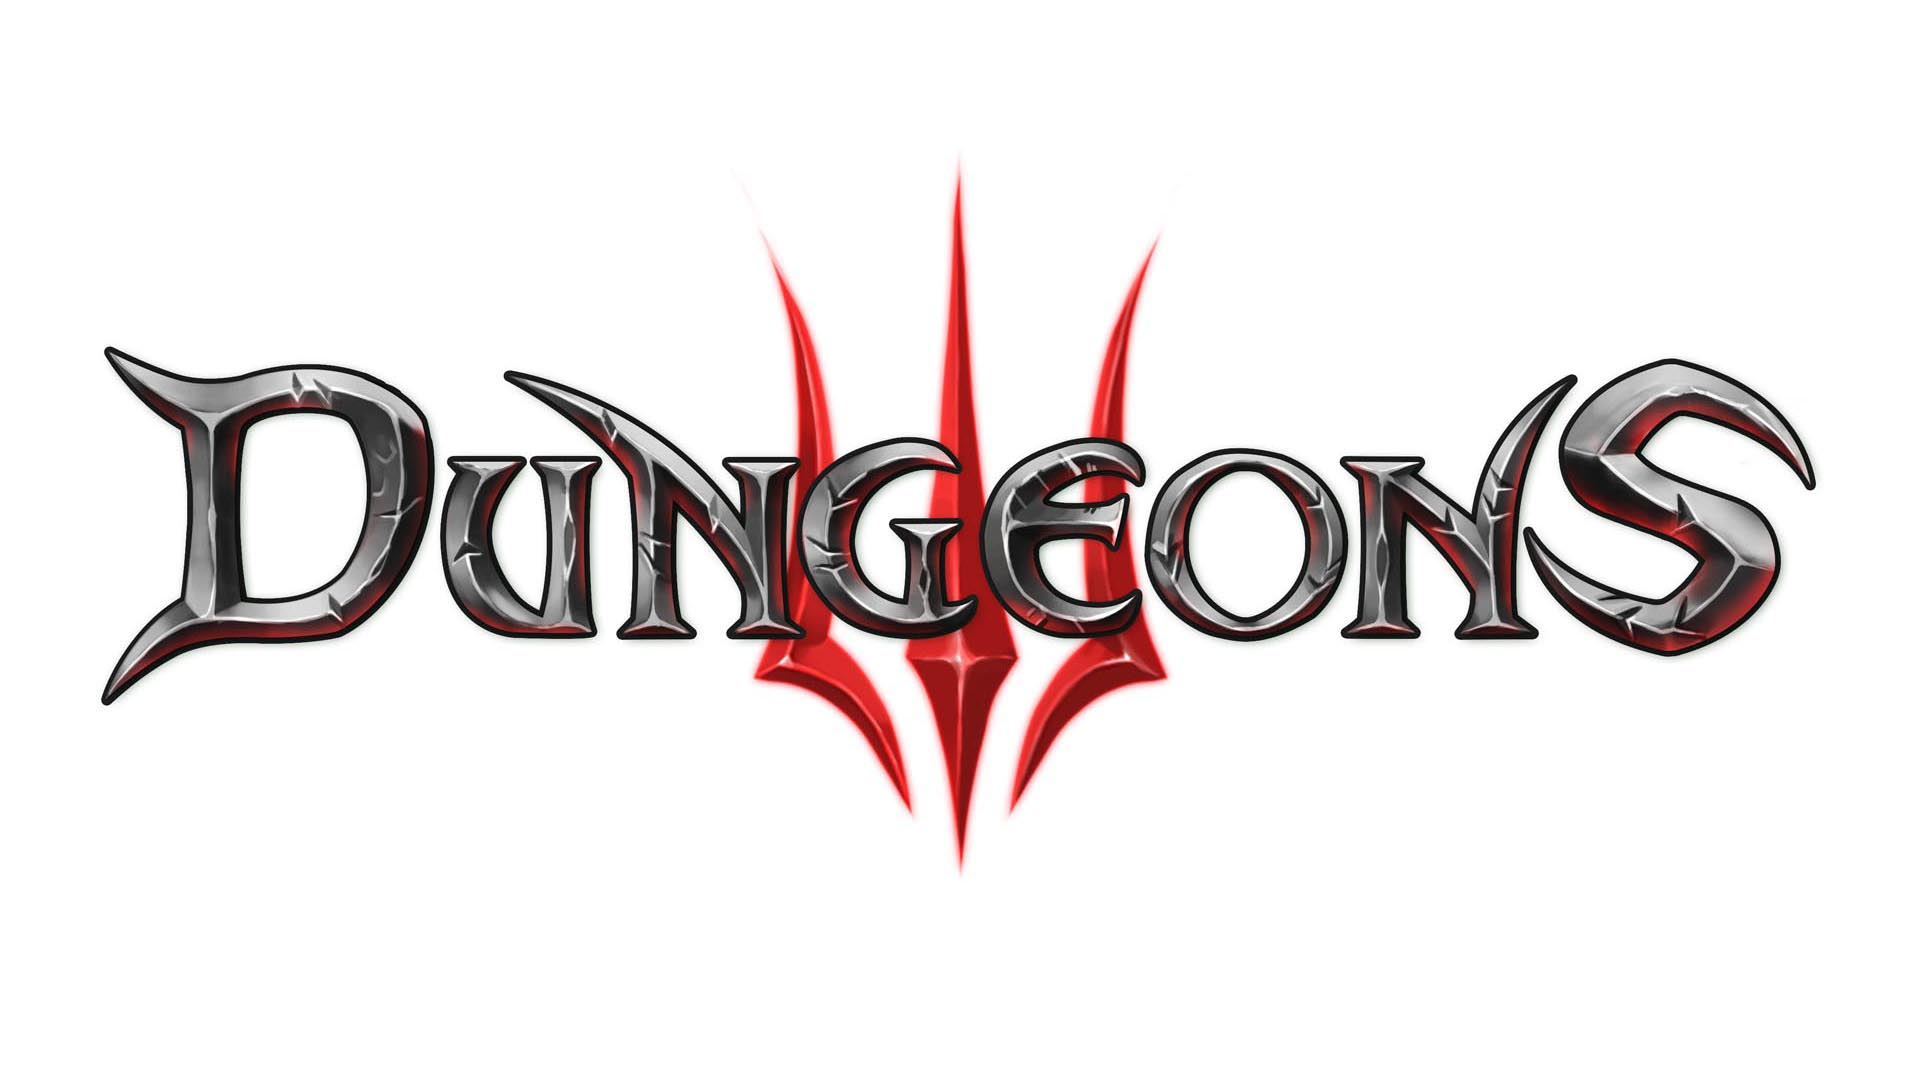 Böser, größer, besser: Dungeons 3 ab heute für PC, PS4, Xbox One und Linux erhältlich